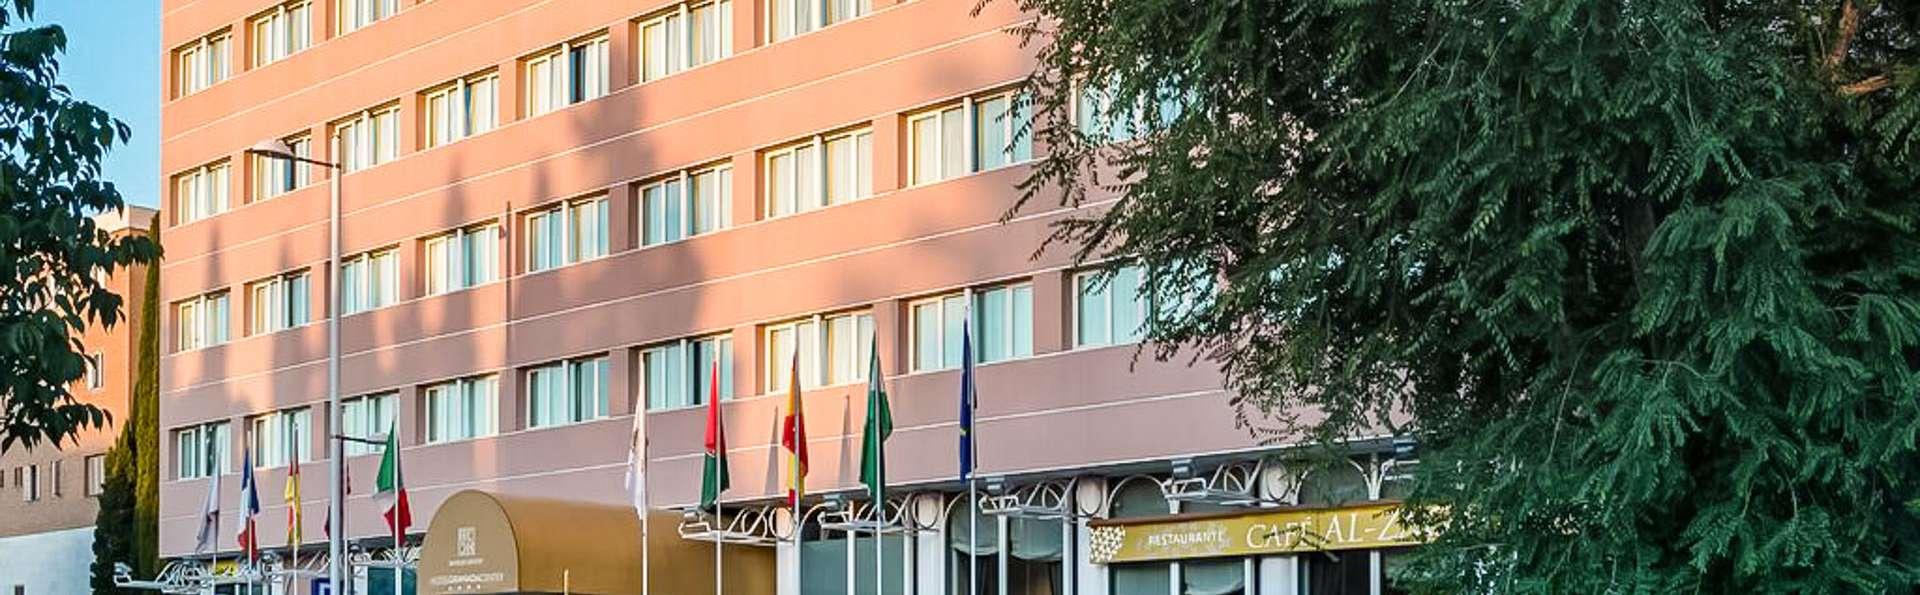 Hotel Granada Center  - EDIT_FRONT_02.jpg